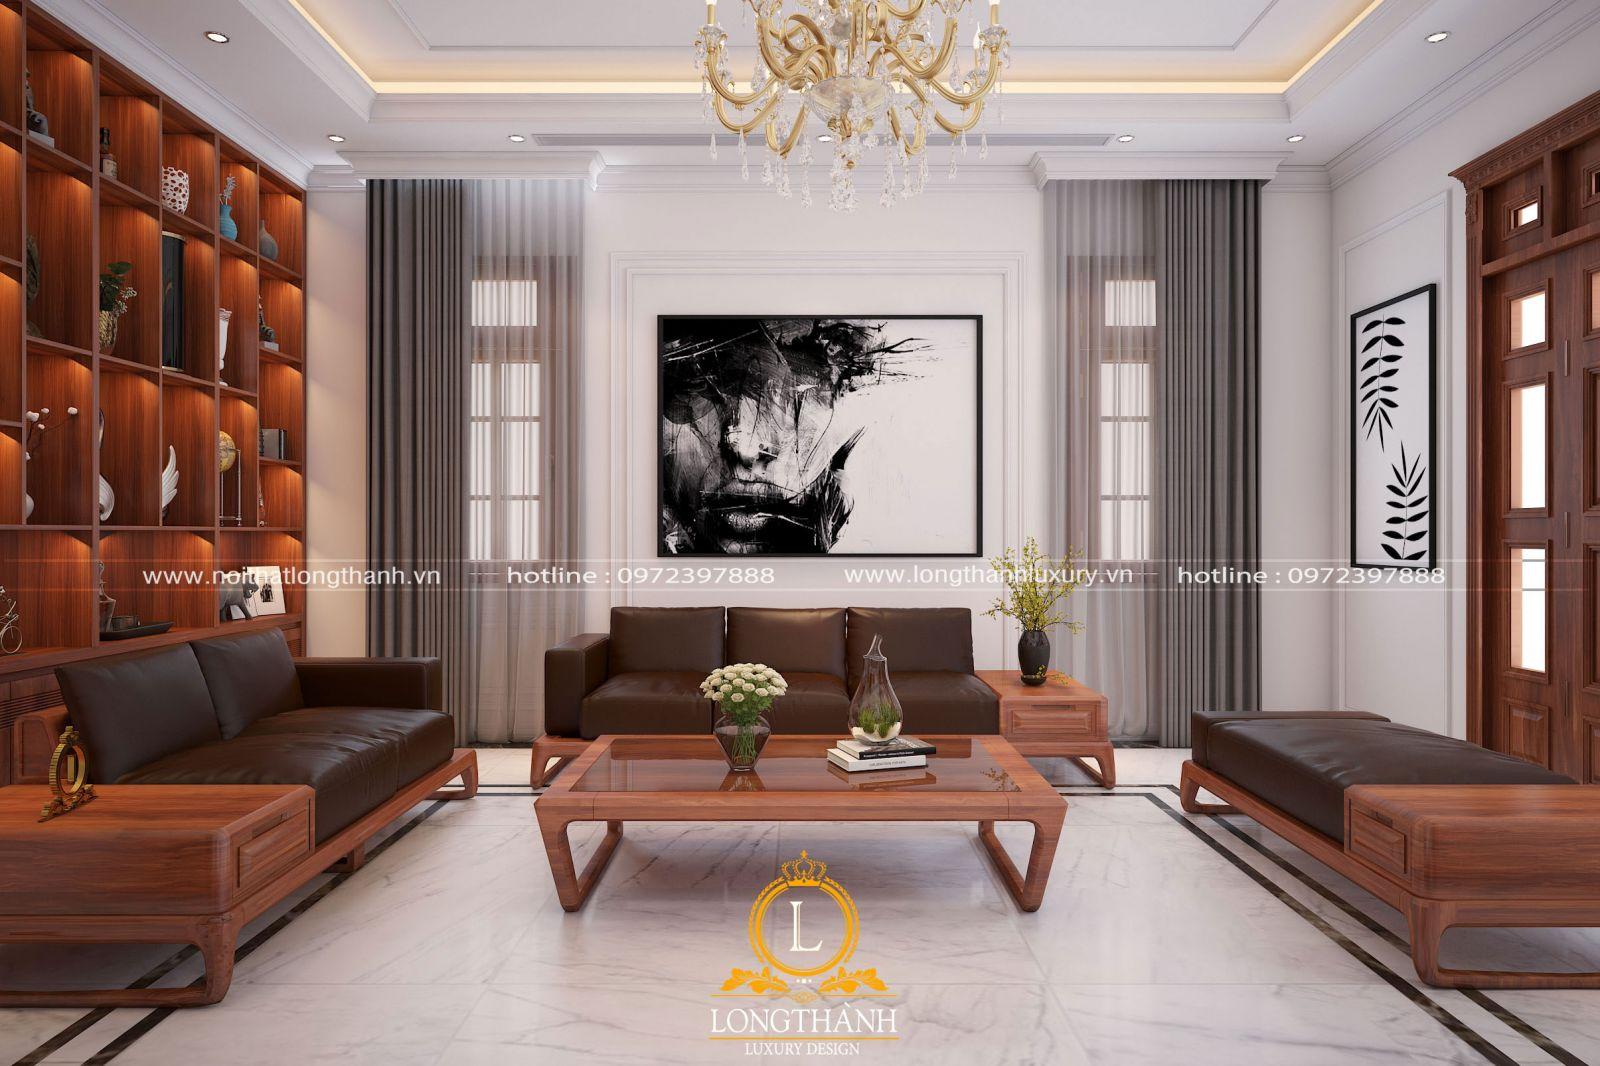 Thiết kế nội thất biệt thự phố hiện đại màu sắc nhẹ nhàng sinh động